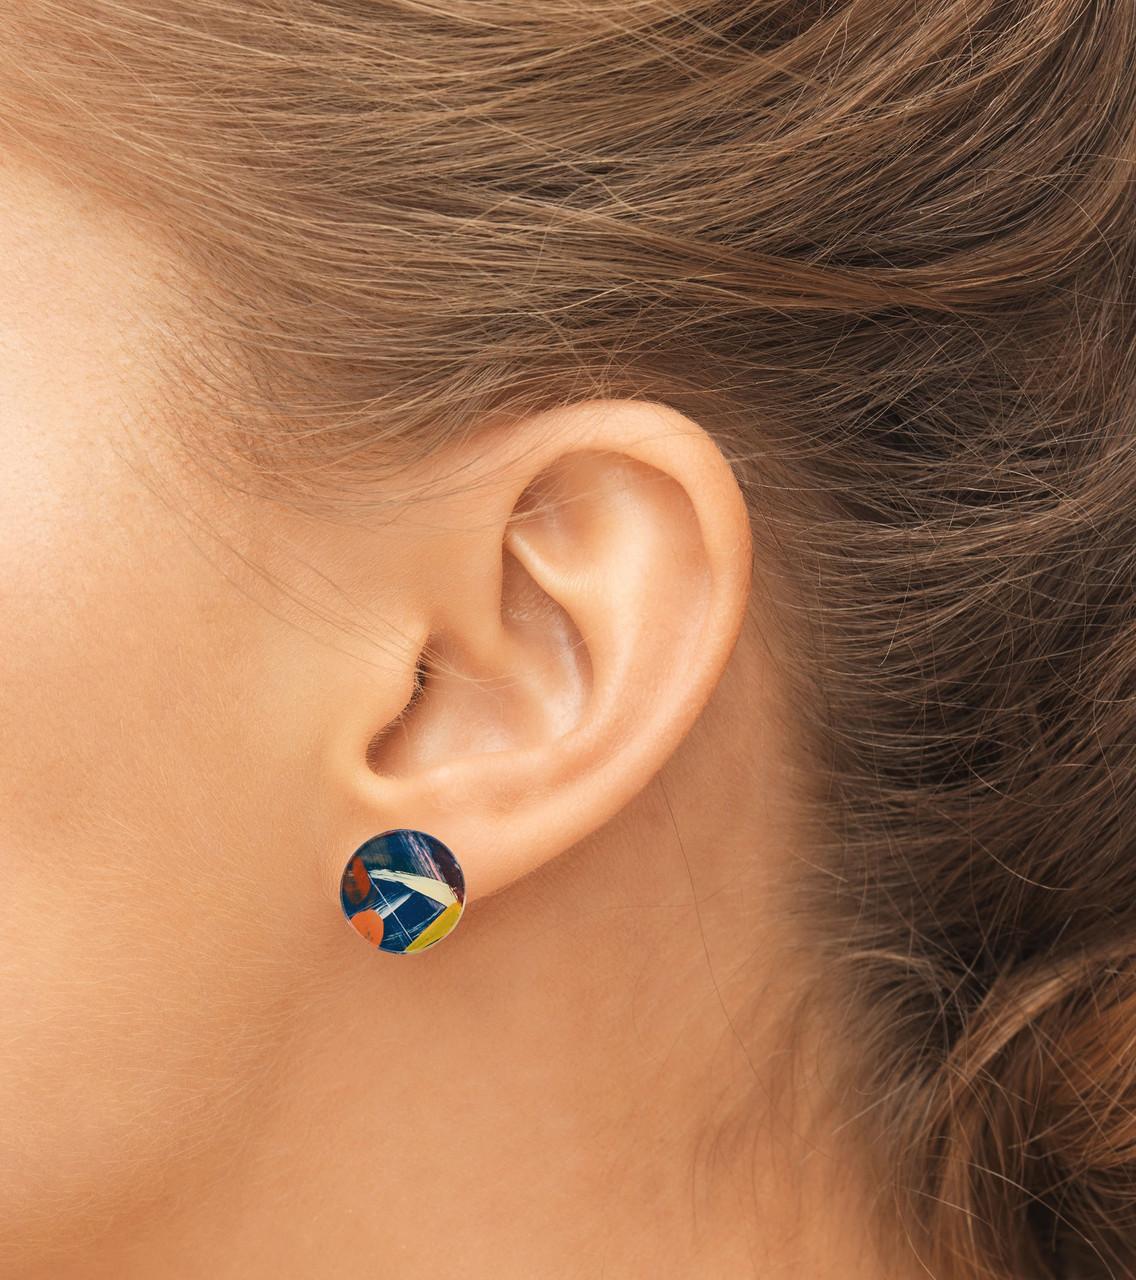 Acrylic stud earrings